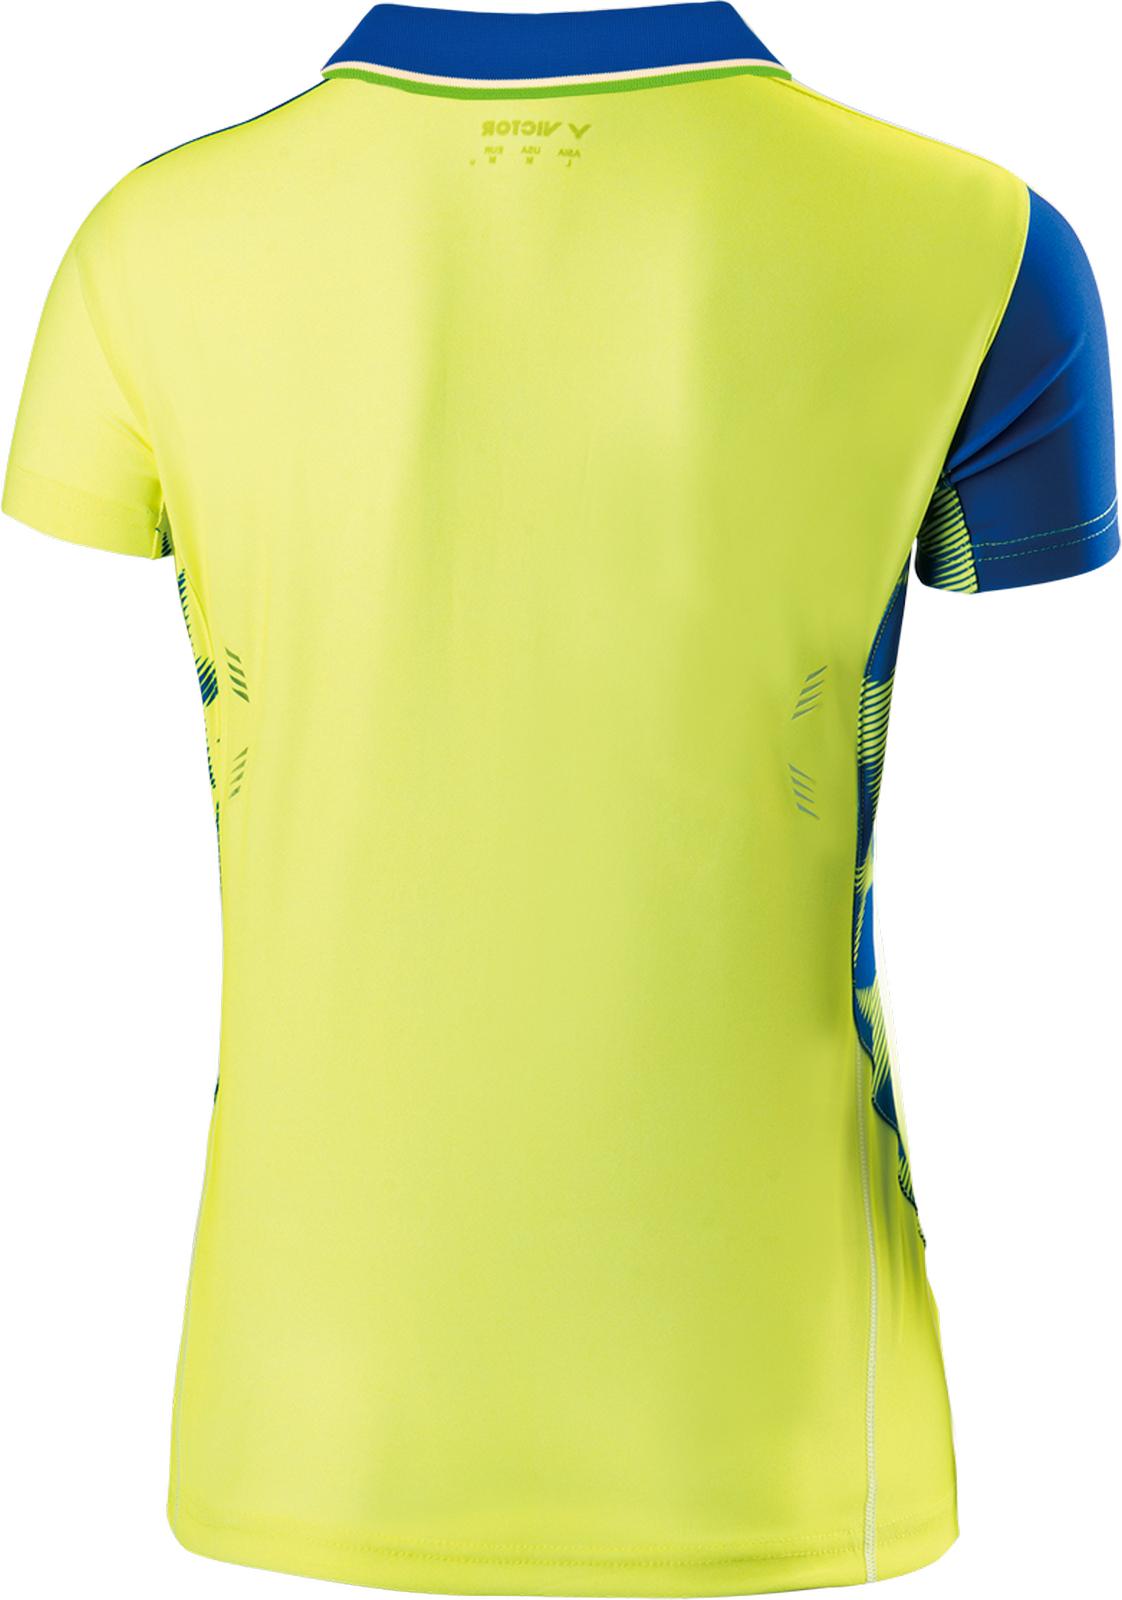 Victor Shirt Malaysia Frau gelb